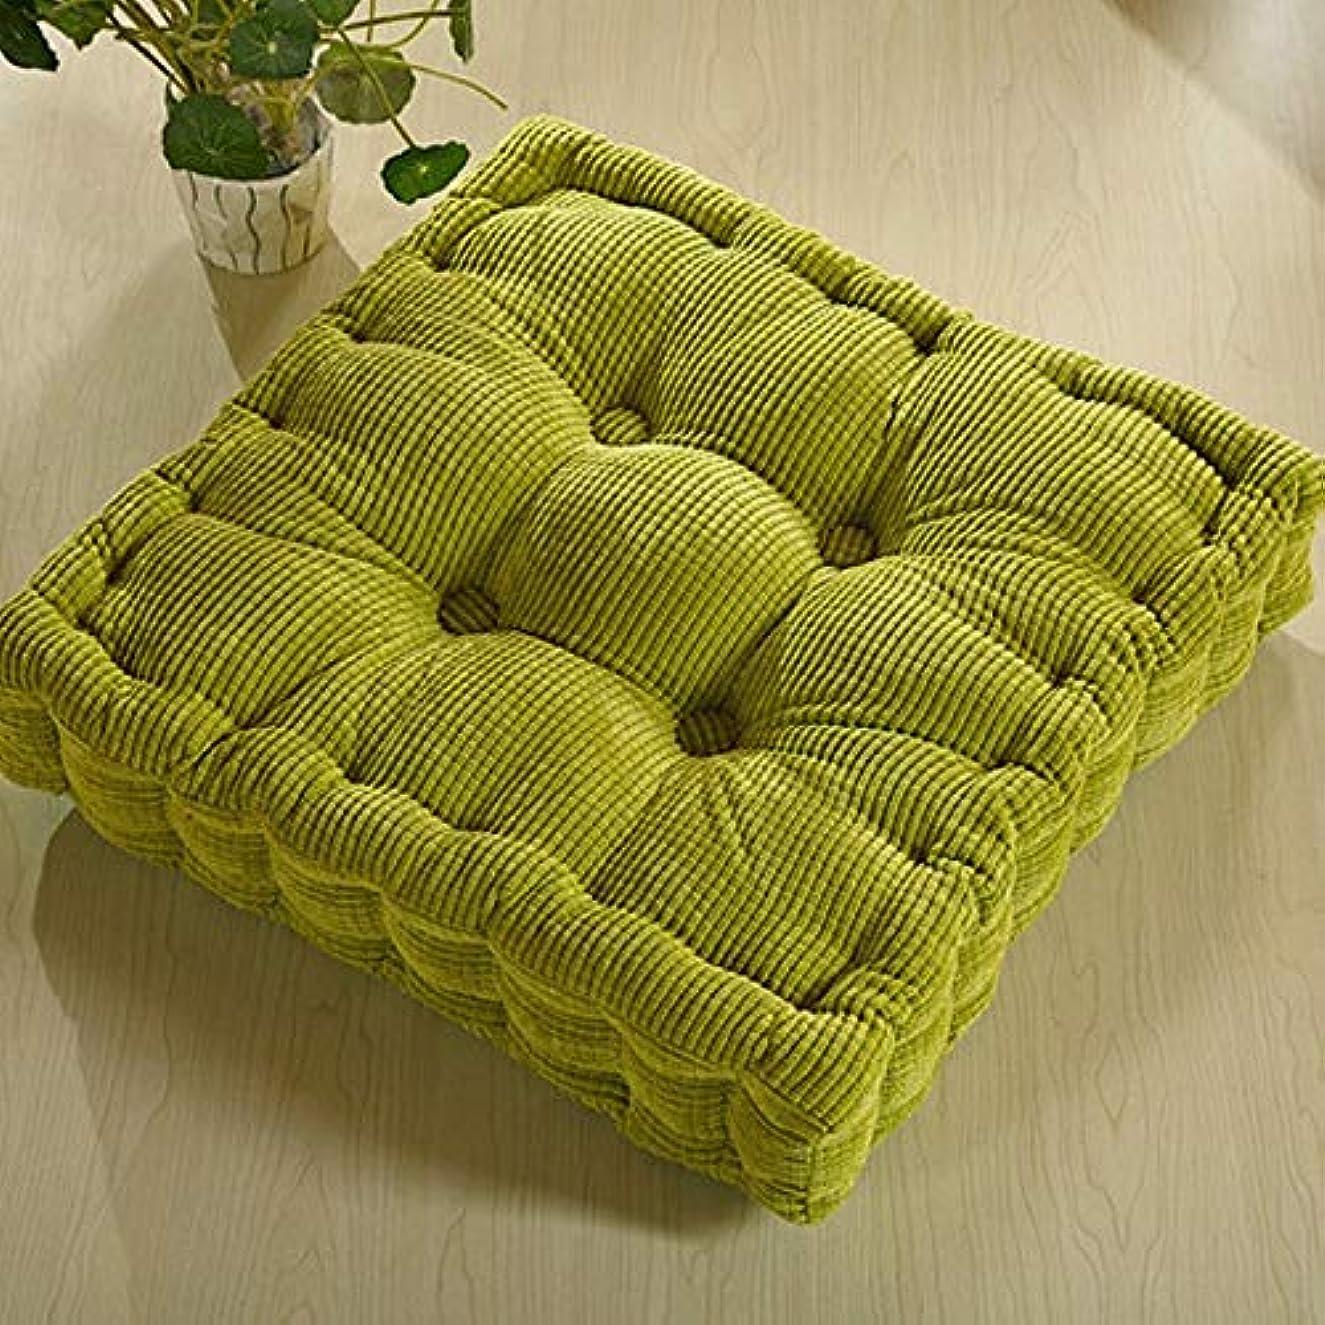 LIFE 肥厚トウモロコシの穂軸畳クッションオフィスチェアクッションソファクッション生地チェアクッションカーシートクッション クッション 椅子